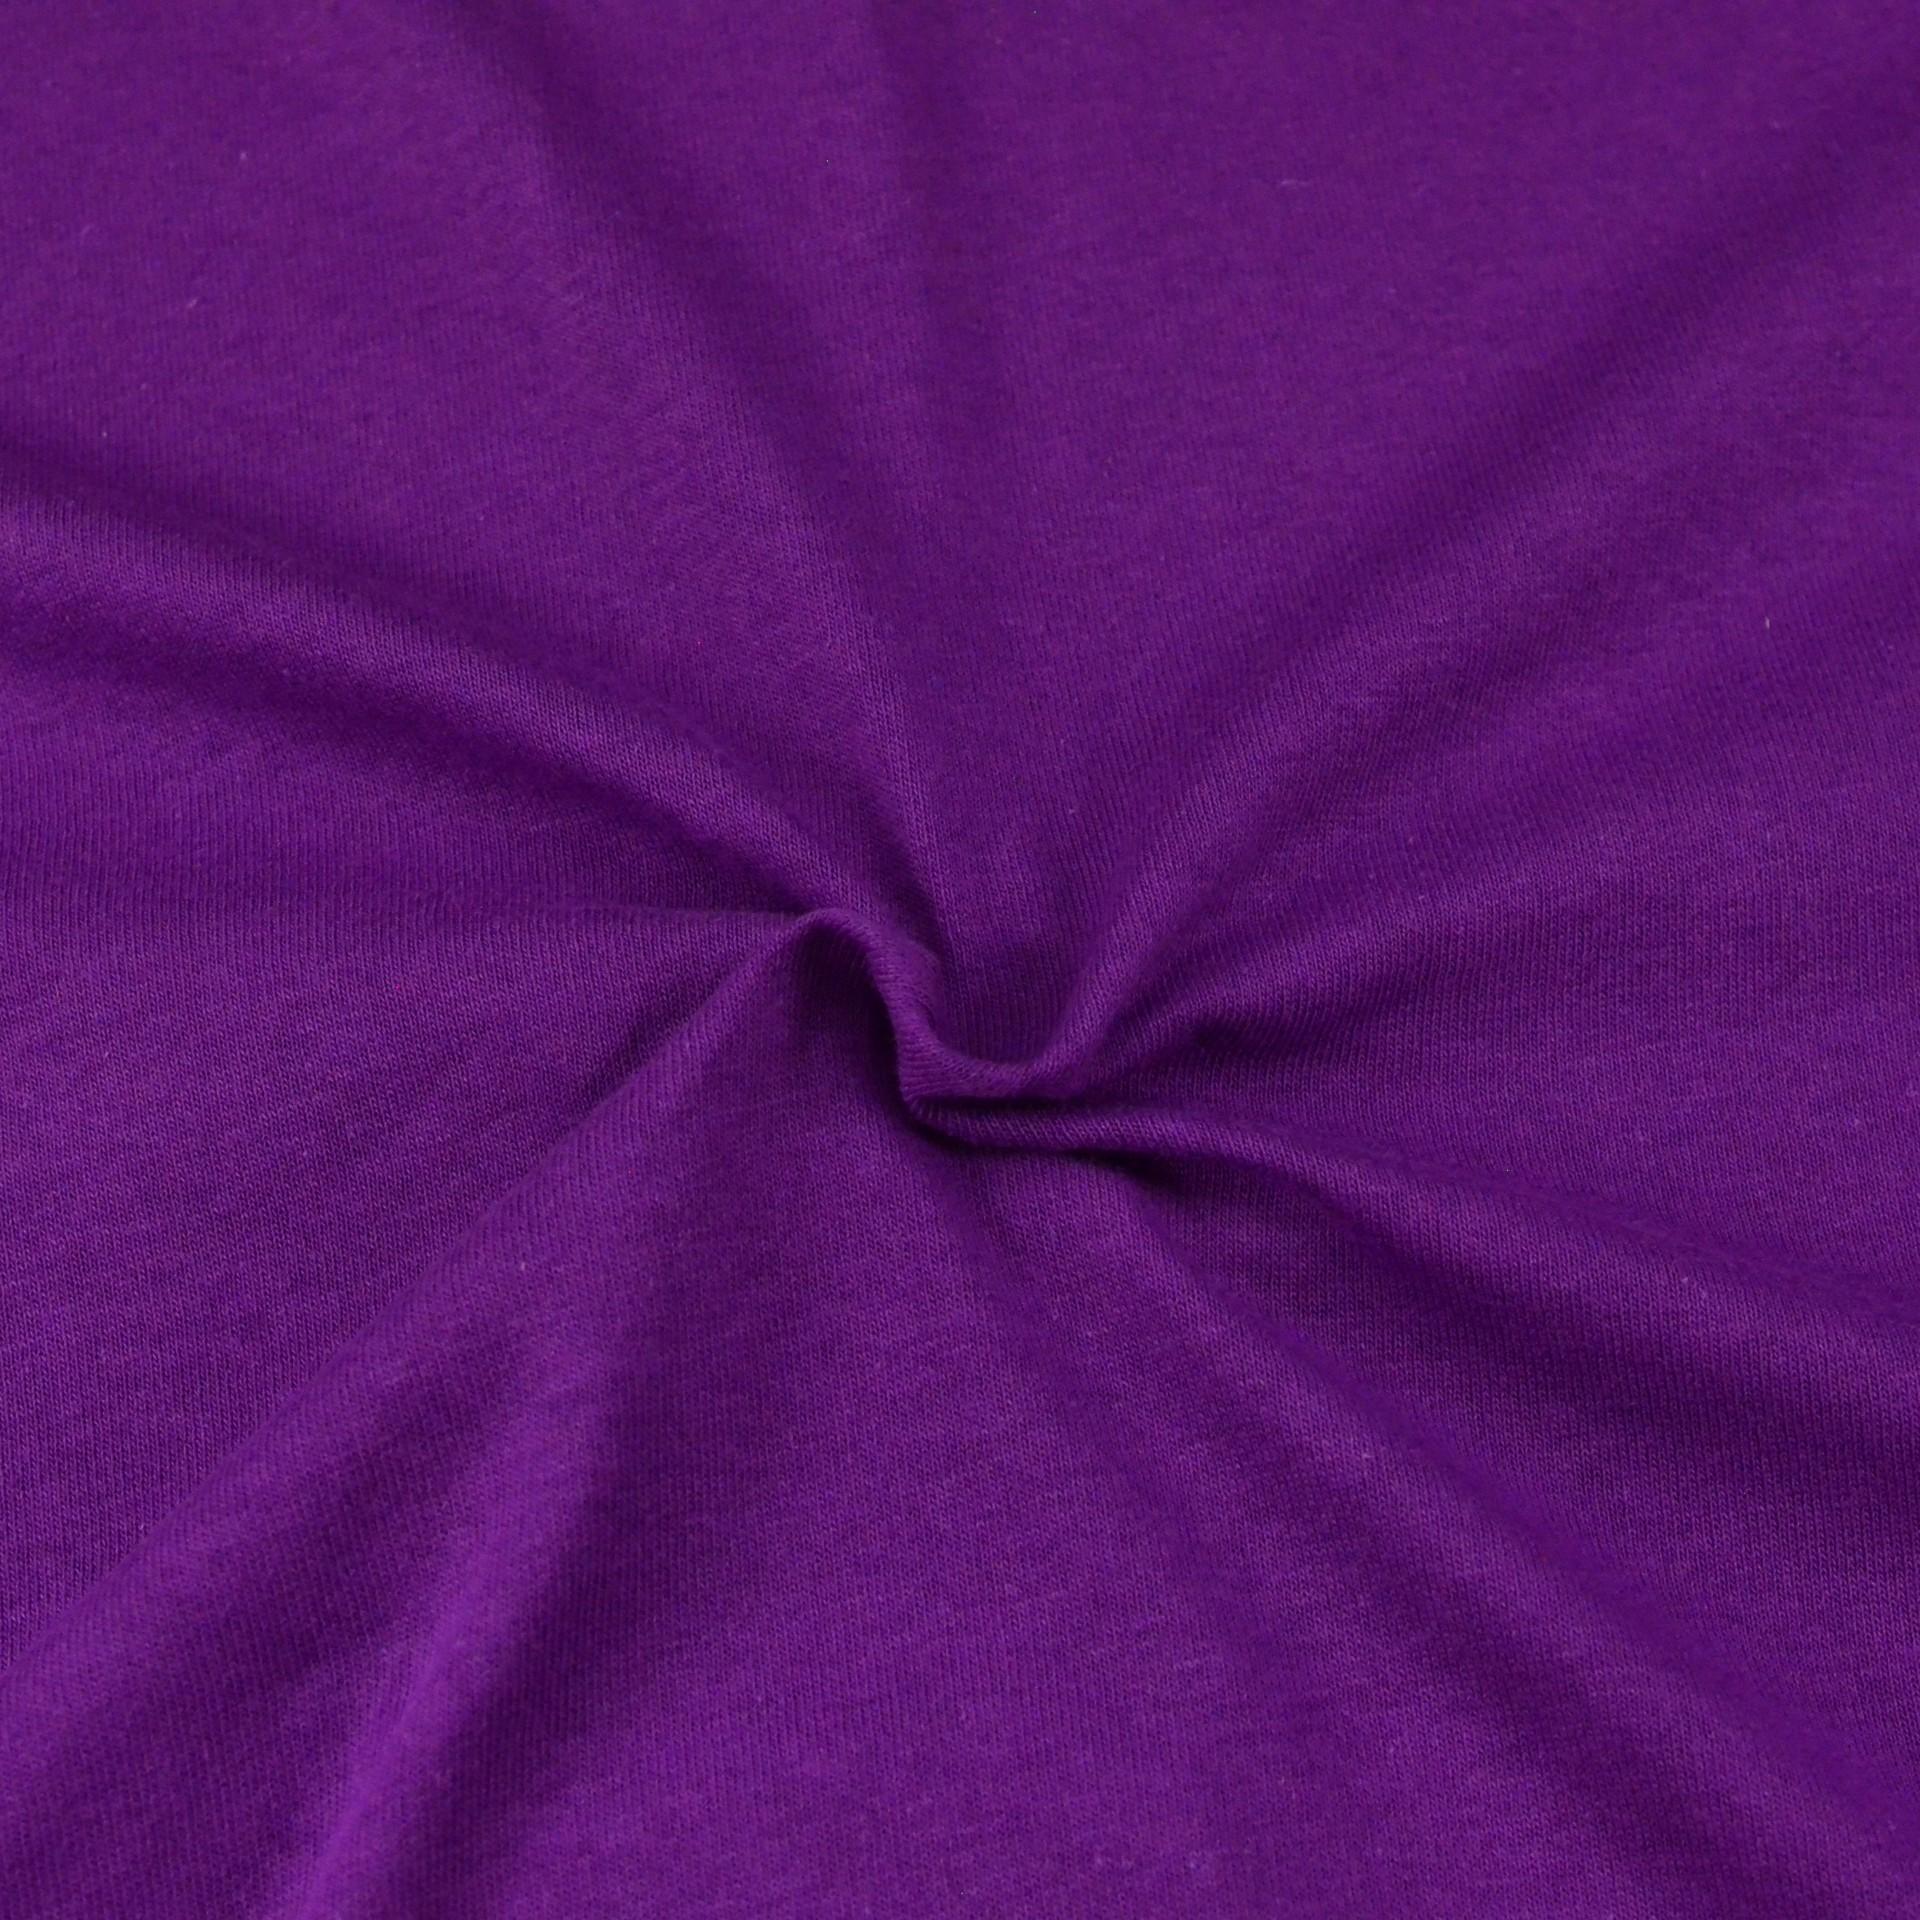 Jersey prostěradlo tmavě fialové, Výběr rozměru - 220x200cm